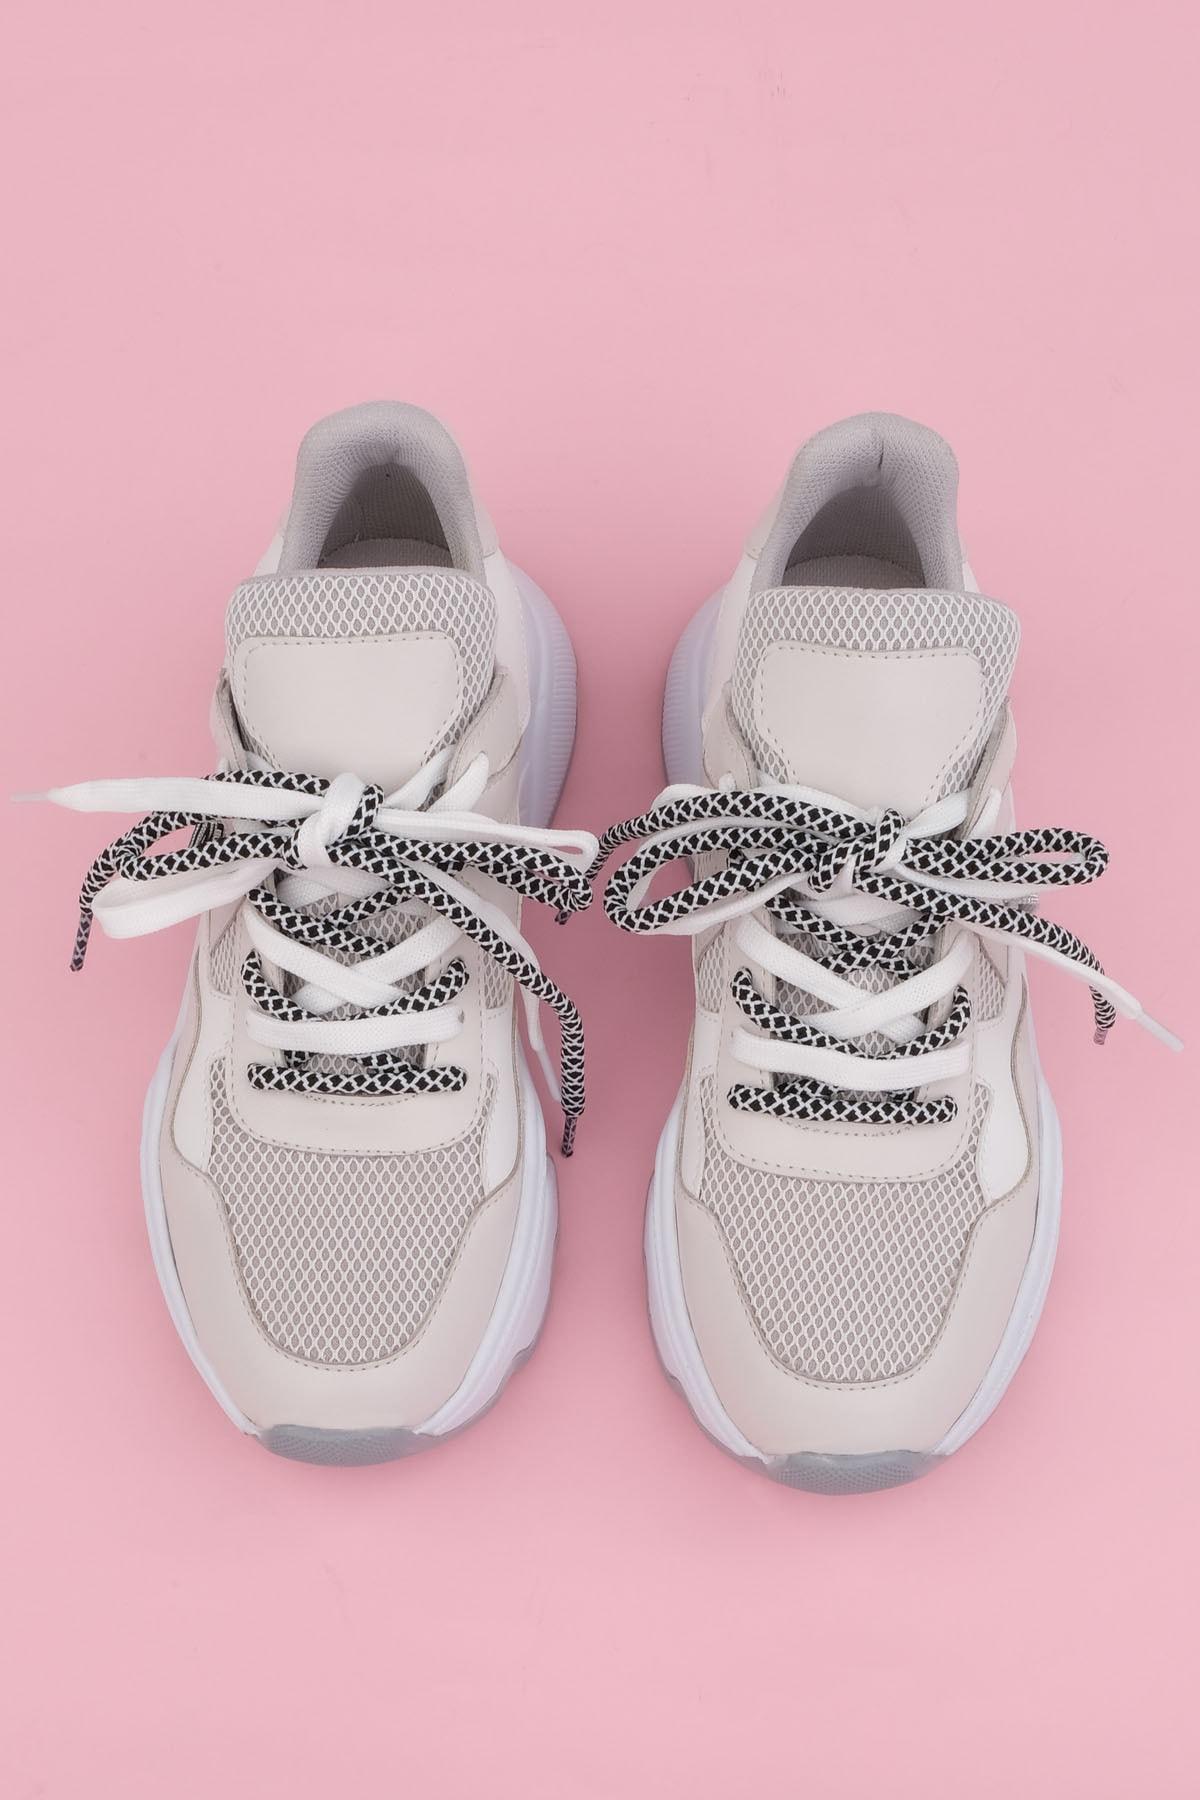 Marjin Anka Kadın Dolgu Topuk Sneaker Spor Ayakkabıbeyaz